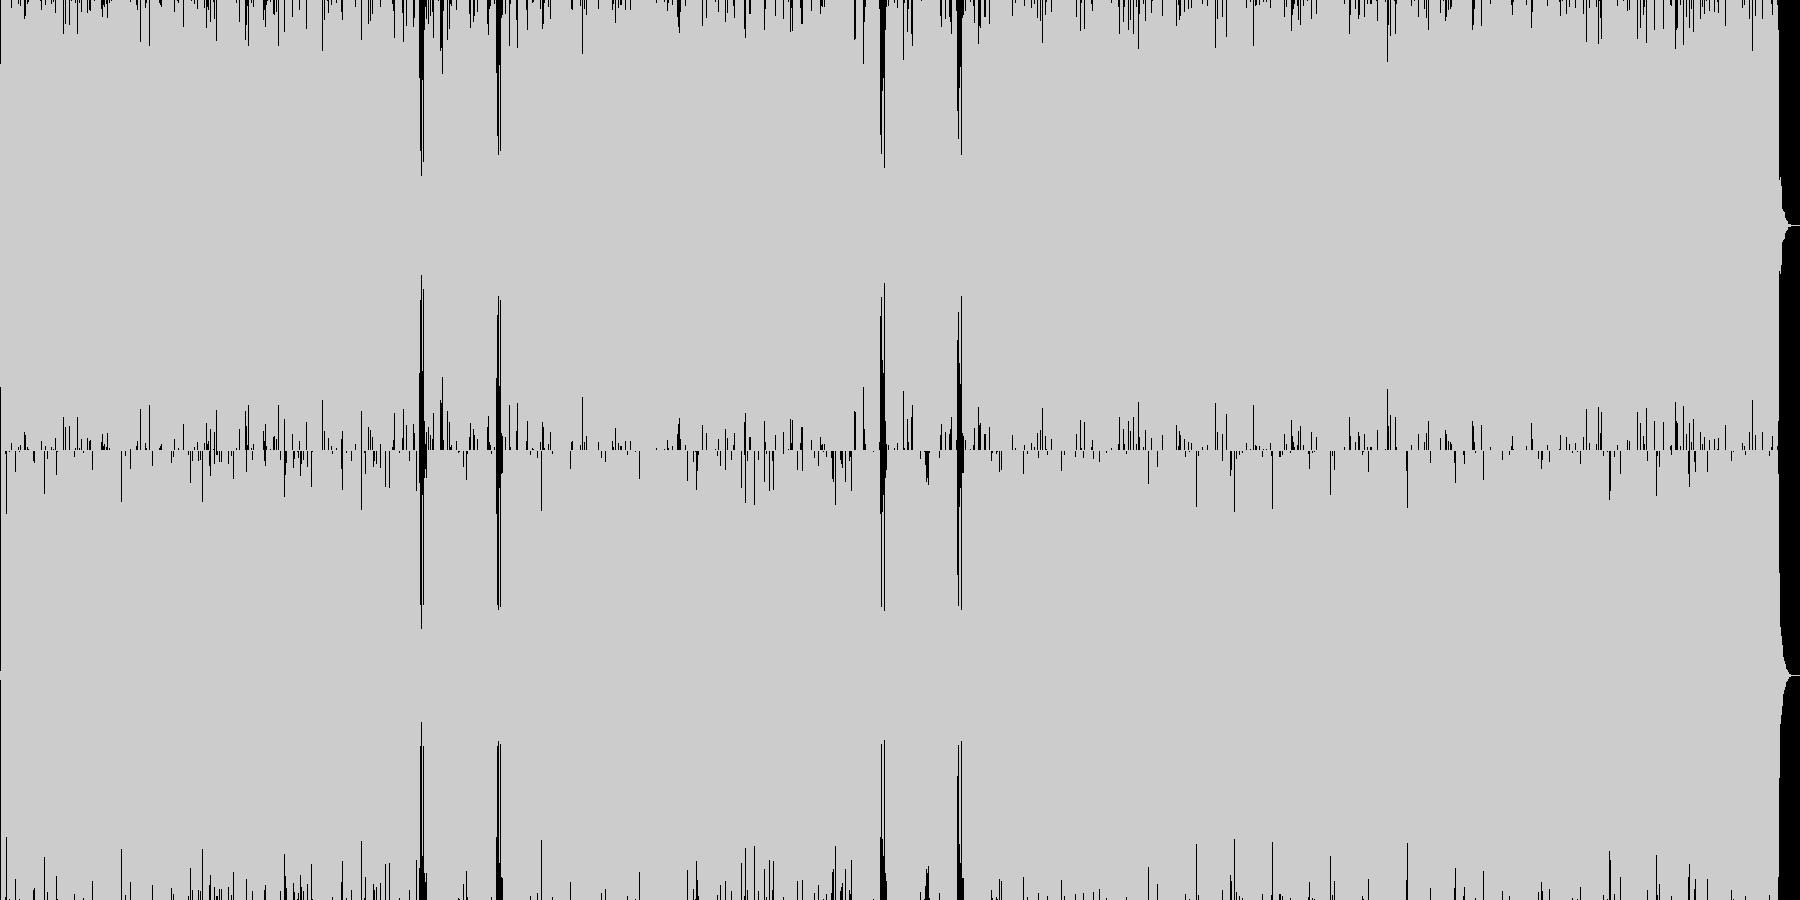 イントロが印象的な疾走系囁きロックの未再生の波形